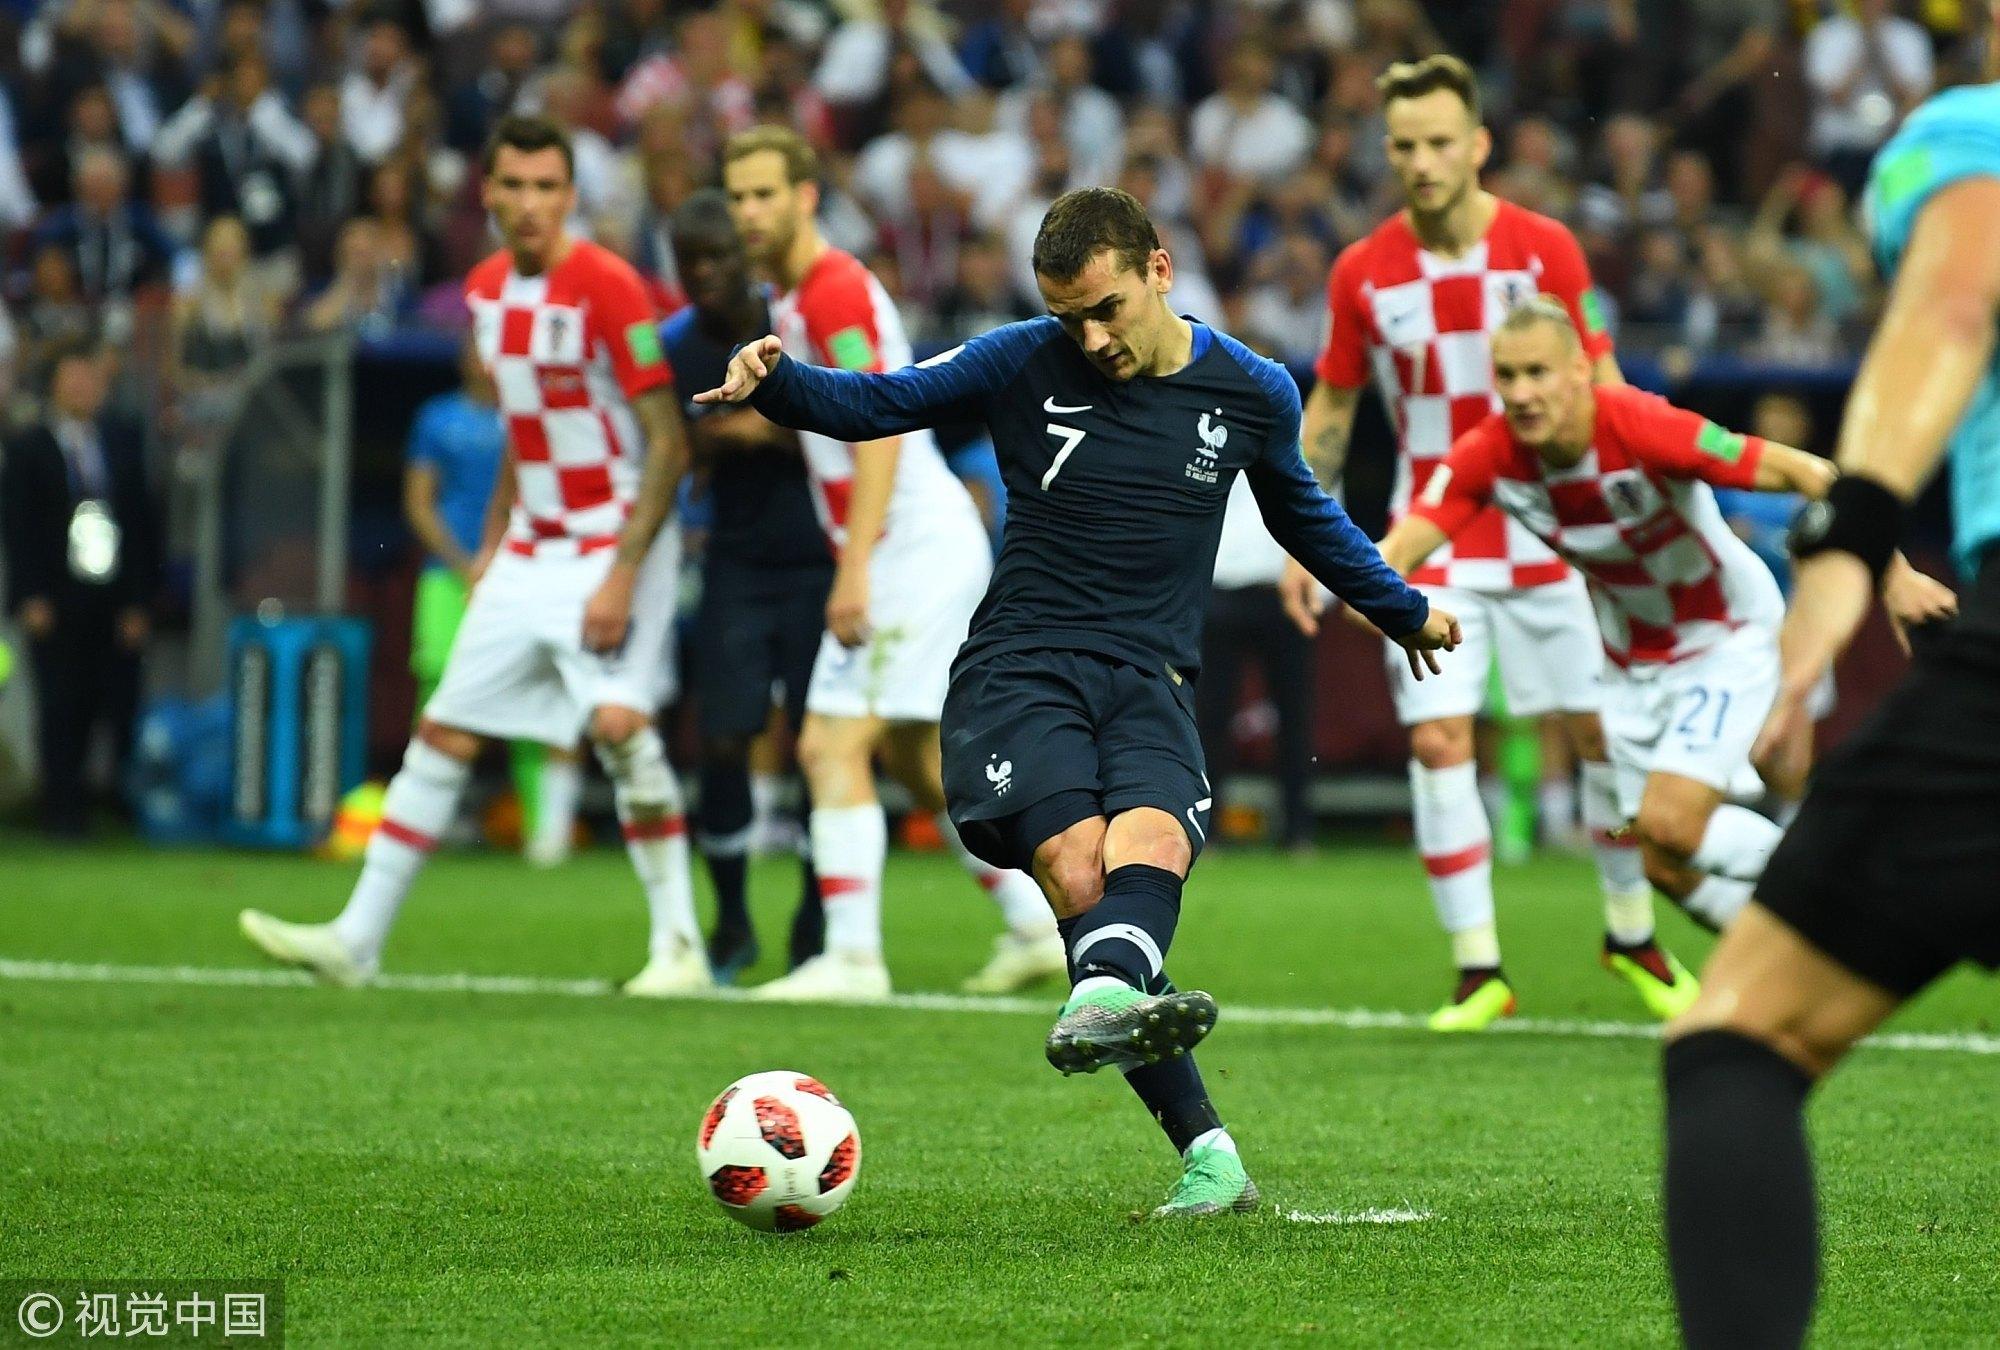 韩日世界杯决赛高清_图片中心_2018俄罗斯世界杯_腾讯网